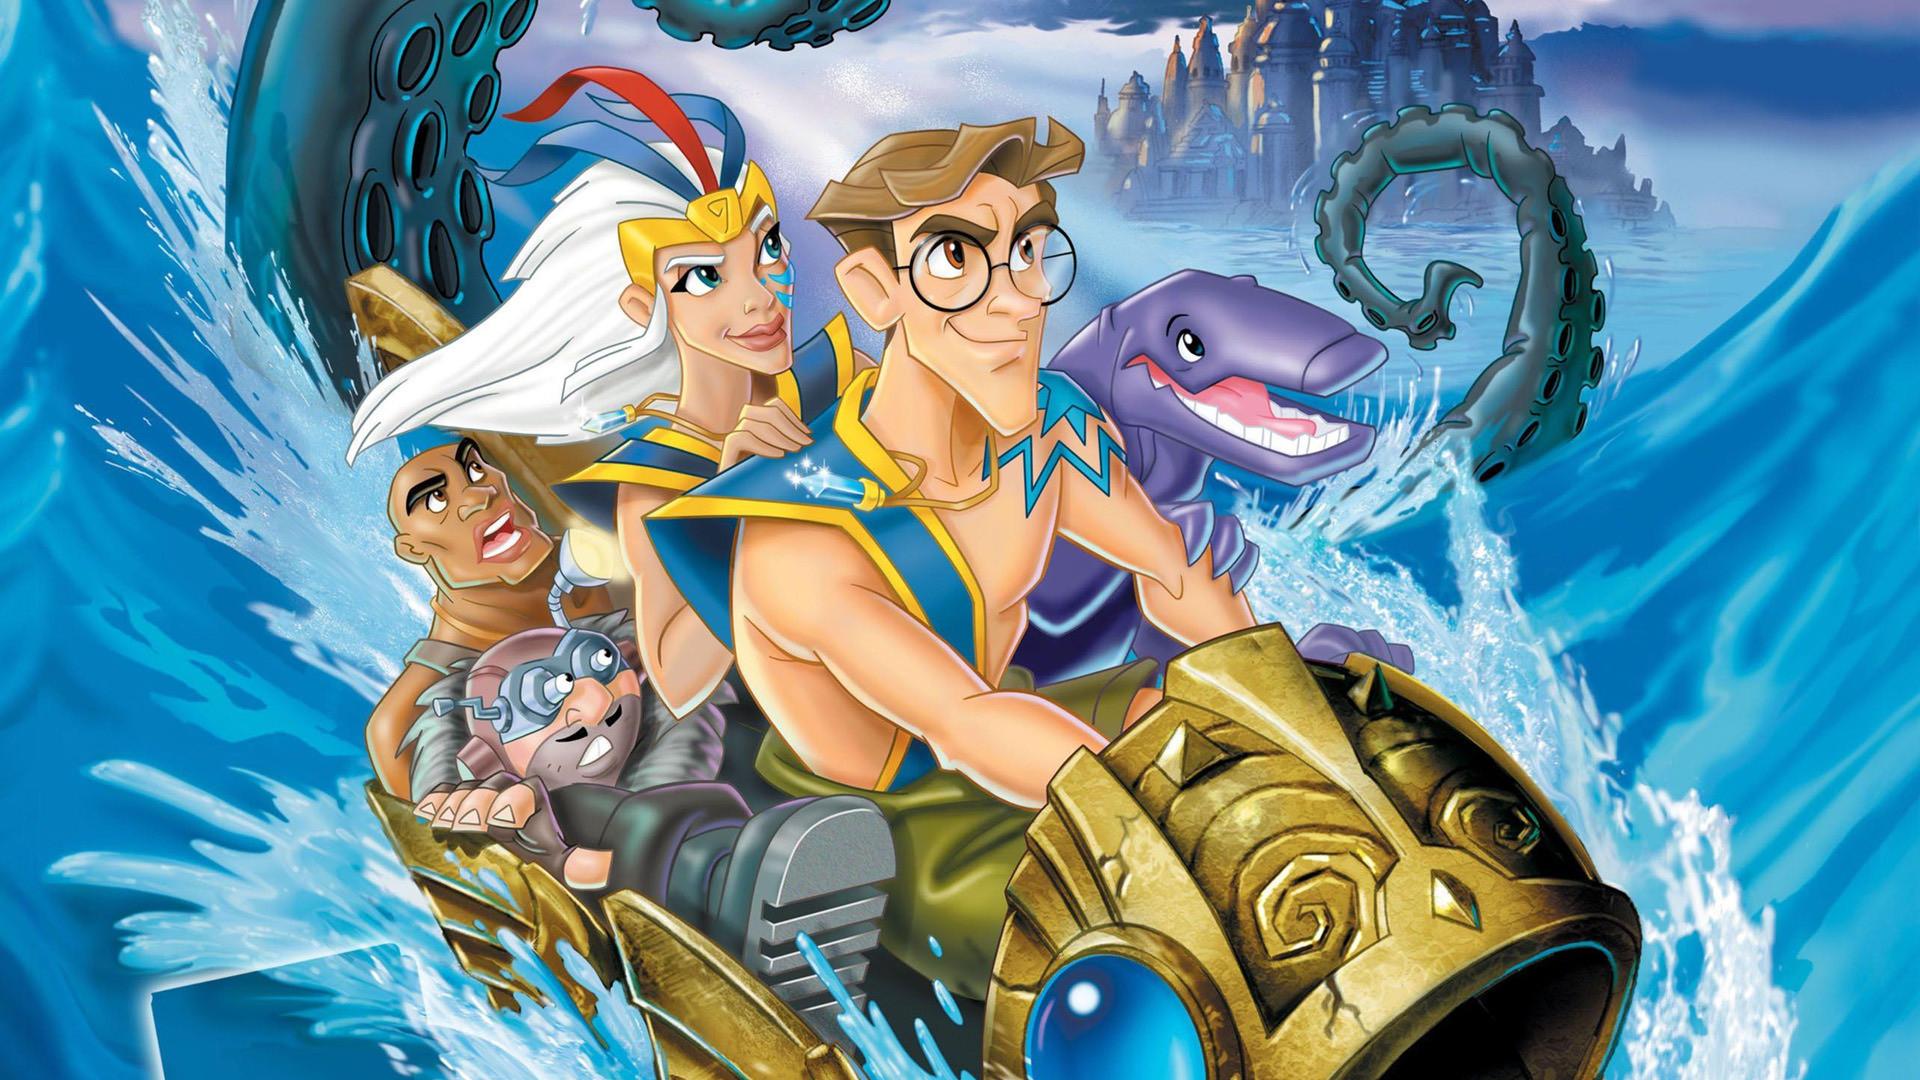 Мультфильм Атлантида Затерянный мир смотреть онлайн